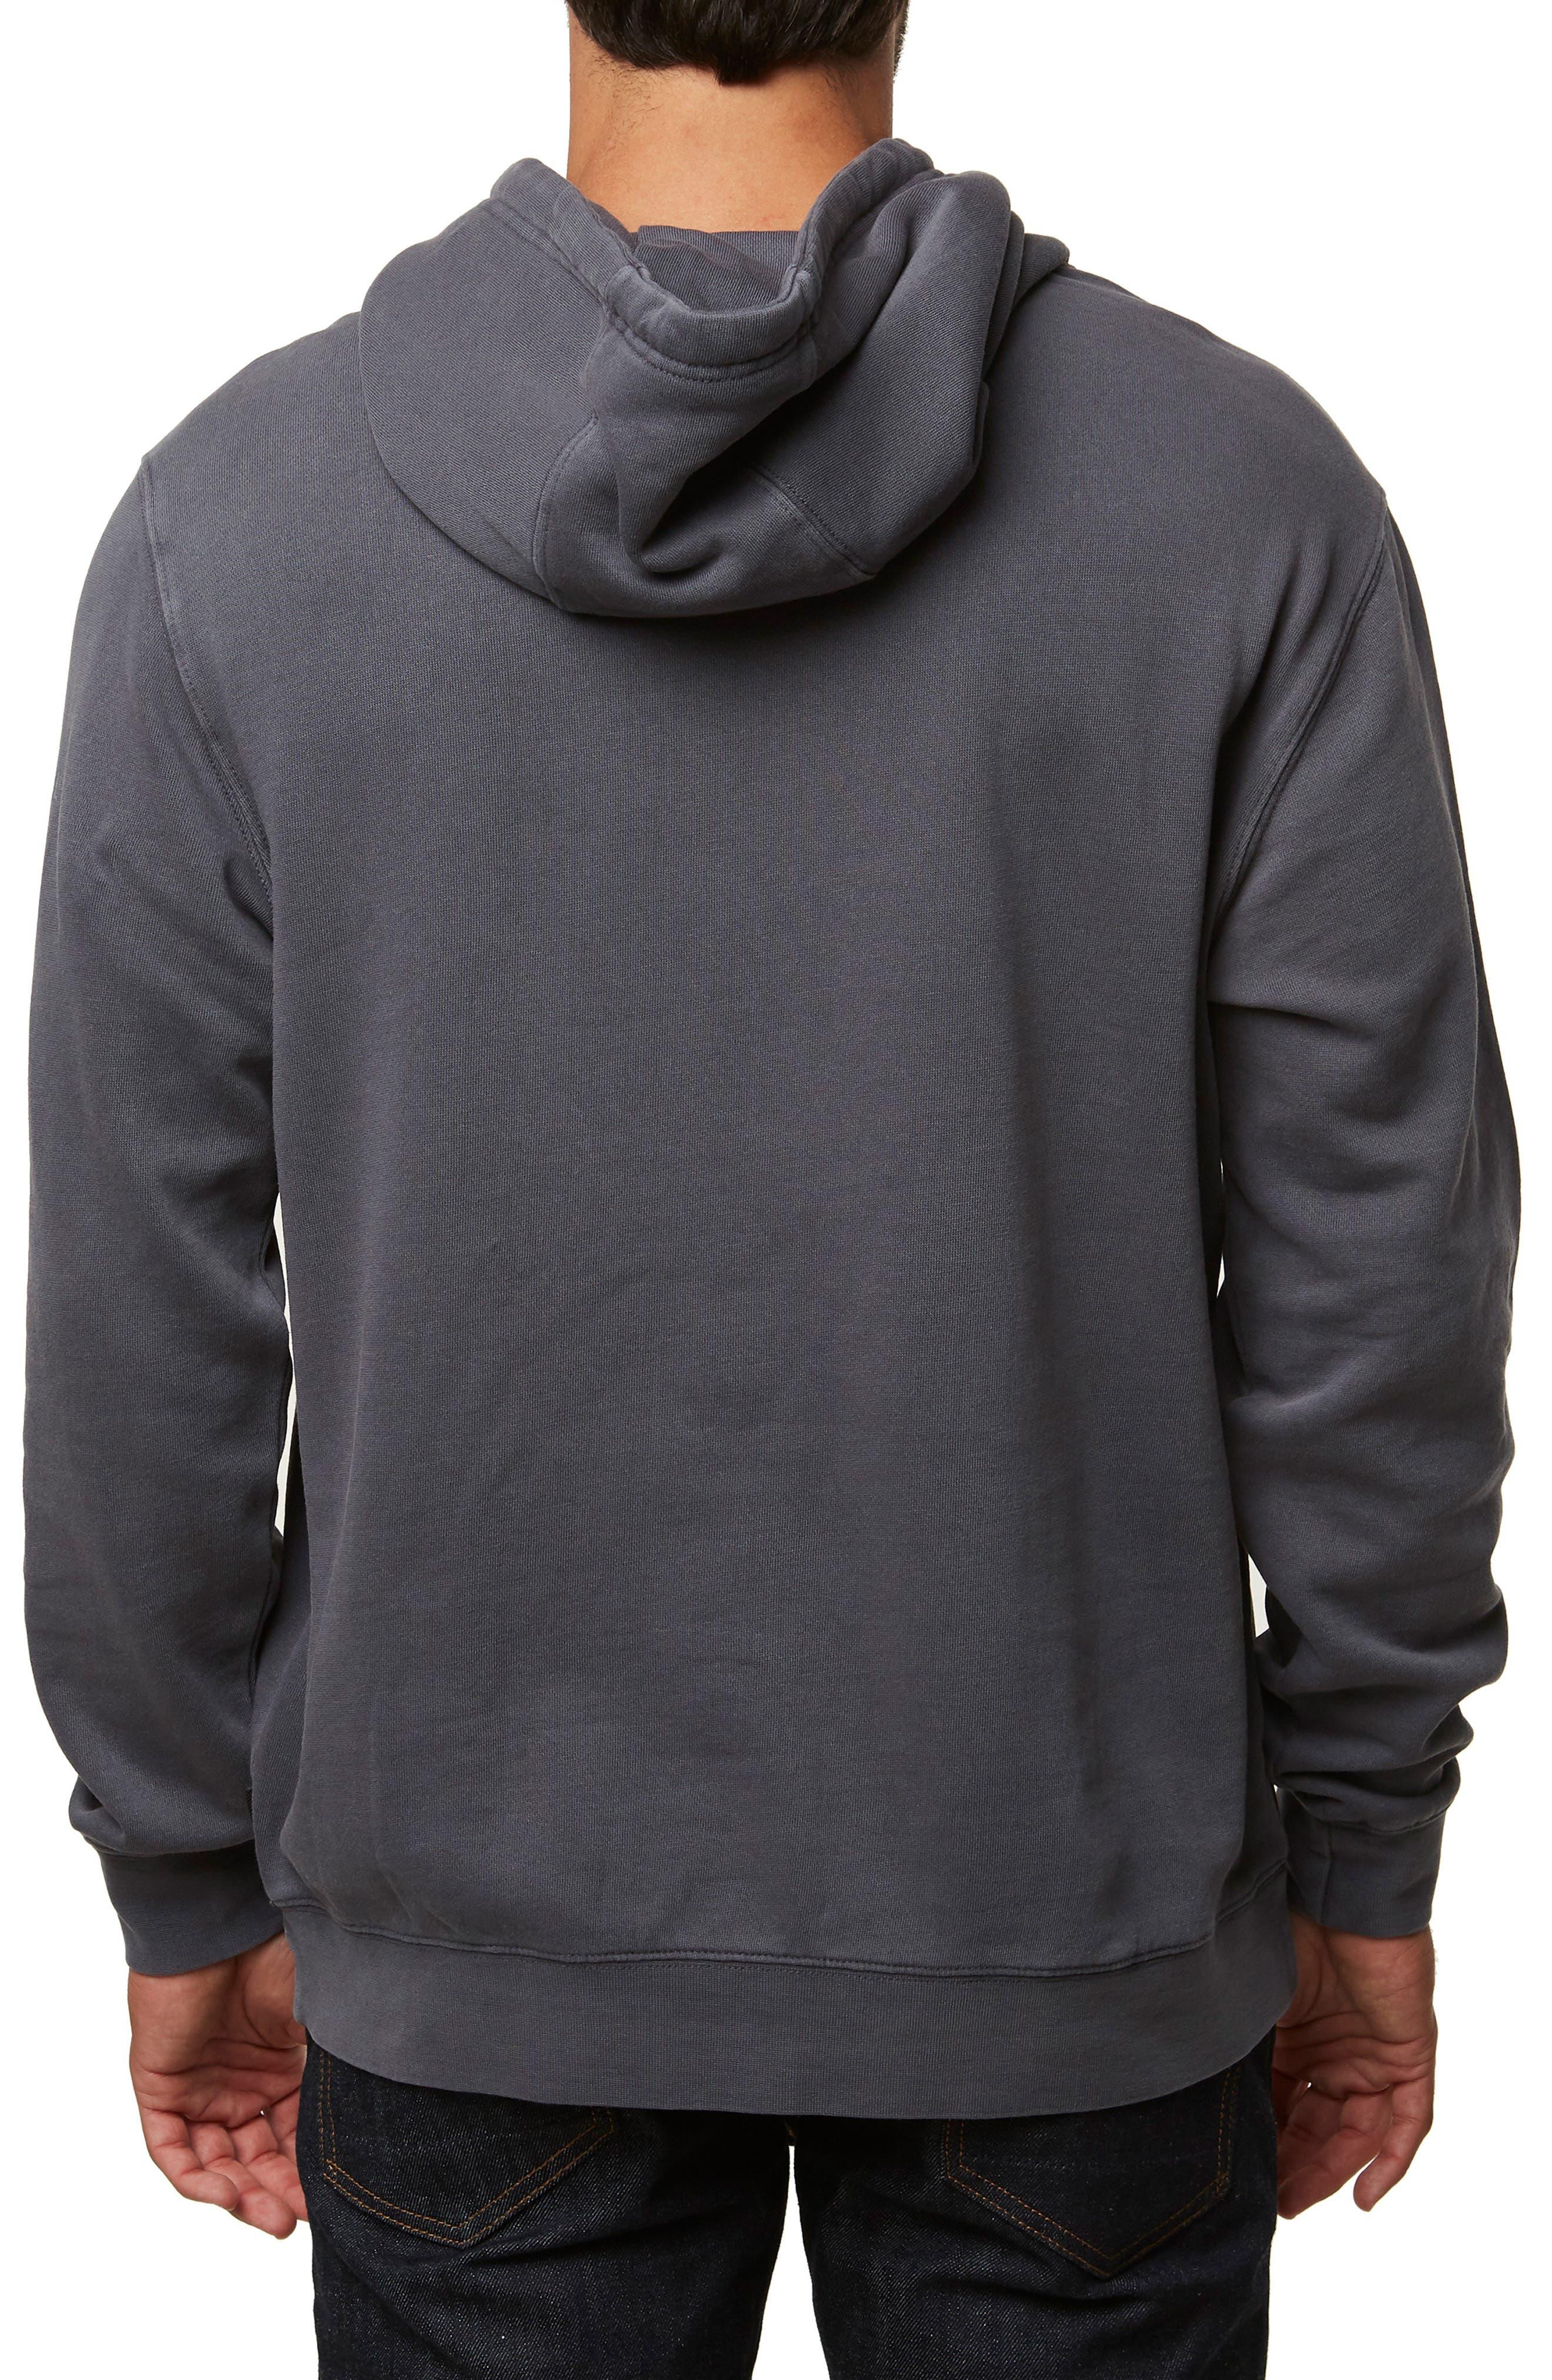 Nopales Hooded Sweatshirt,                             Alternate thumbnail 2, color,                             ASPHALT